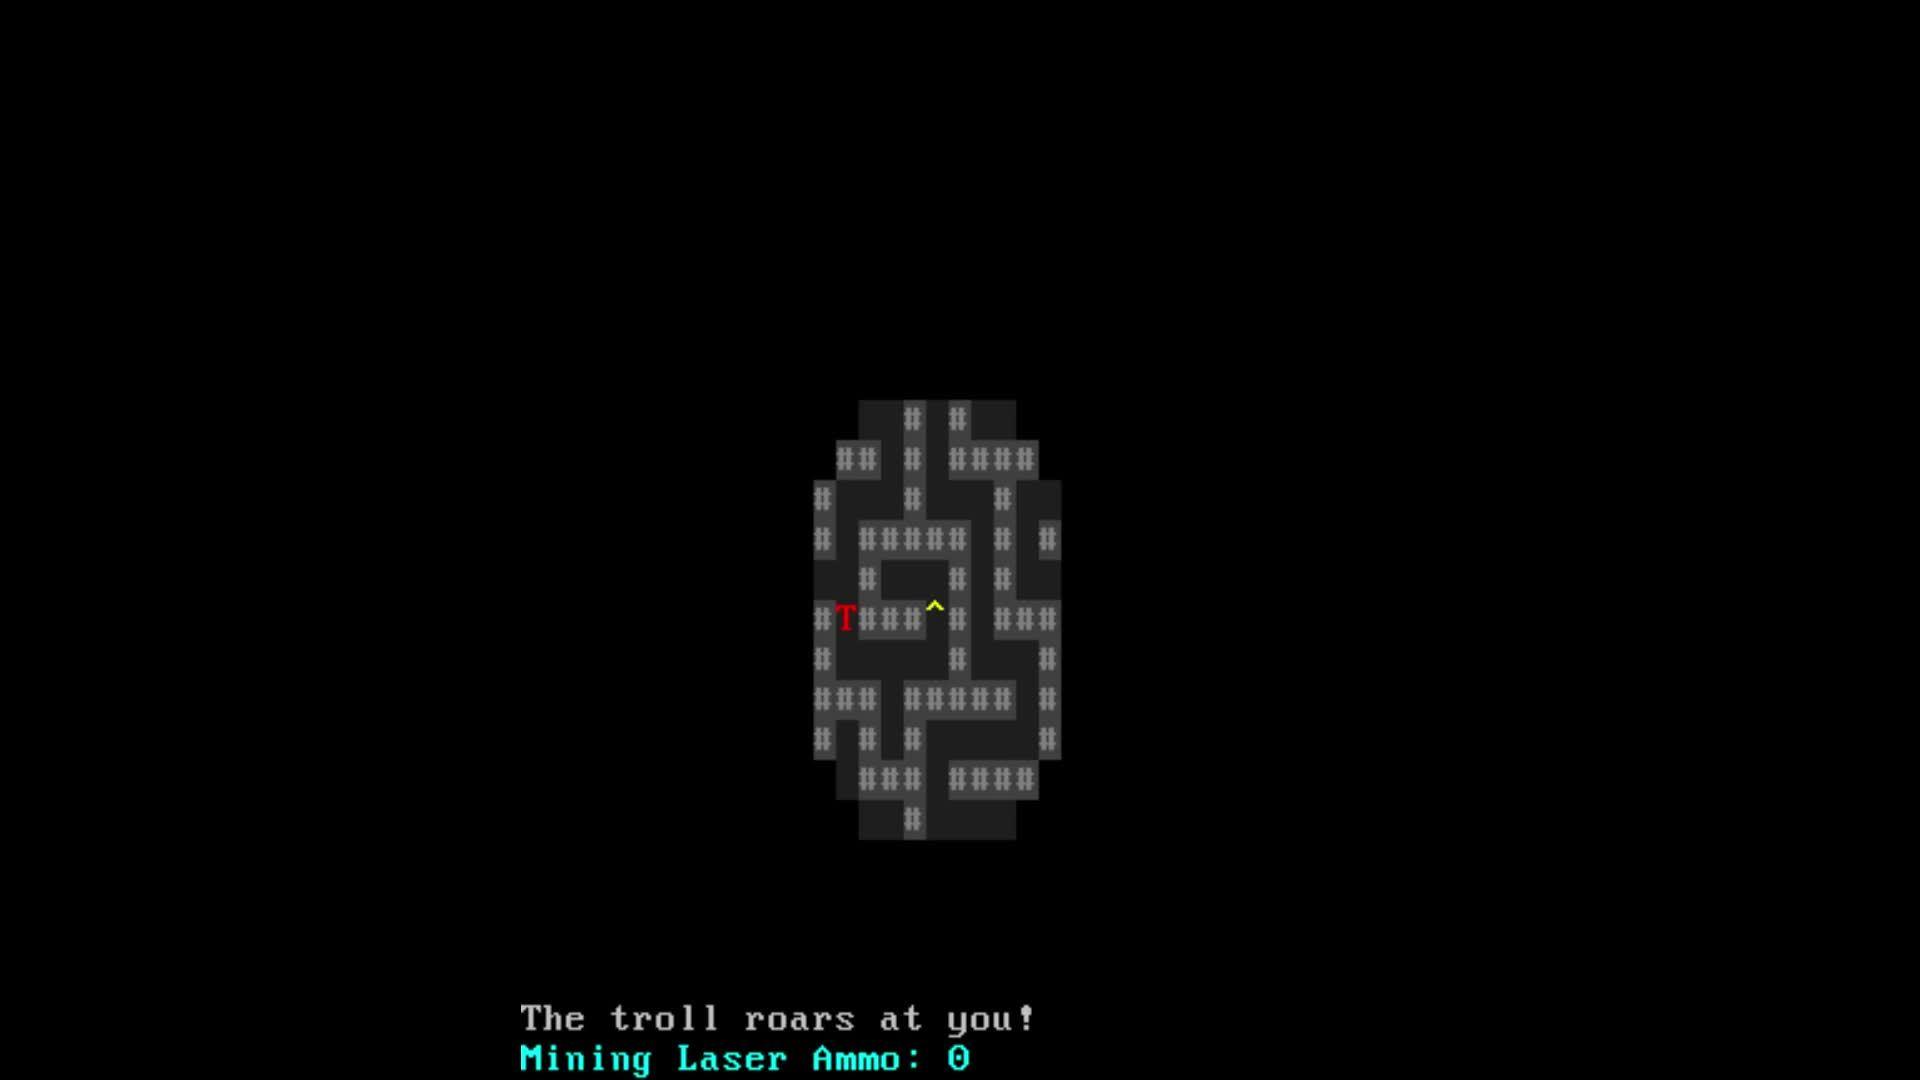 dailyprogrammer, [Weekly #25] Escape the trolls (reddit) GIFs